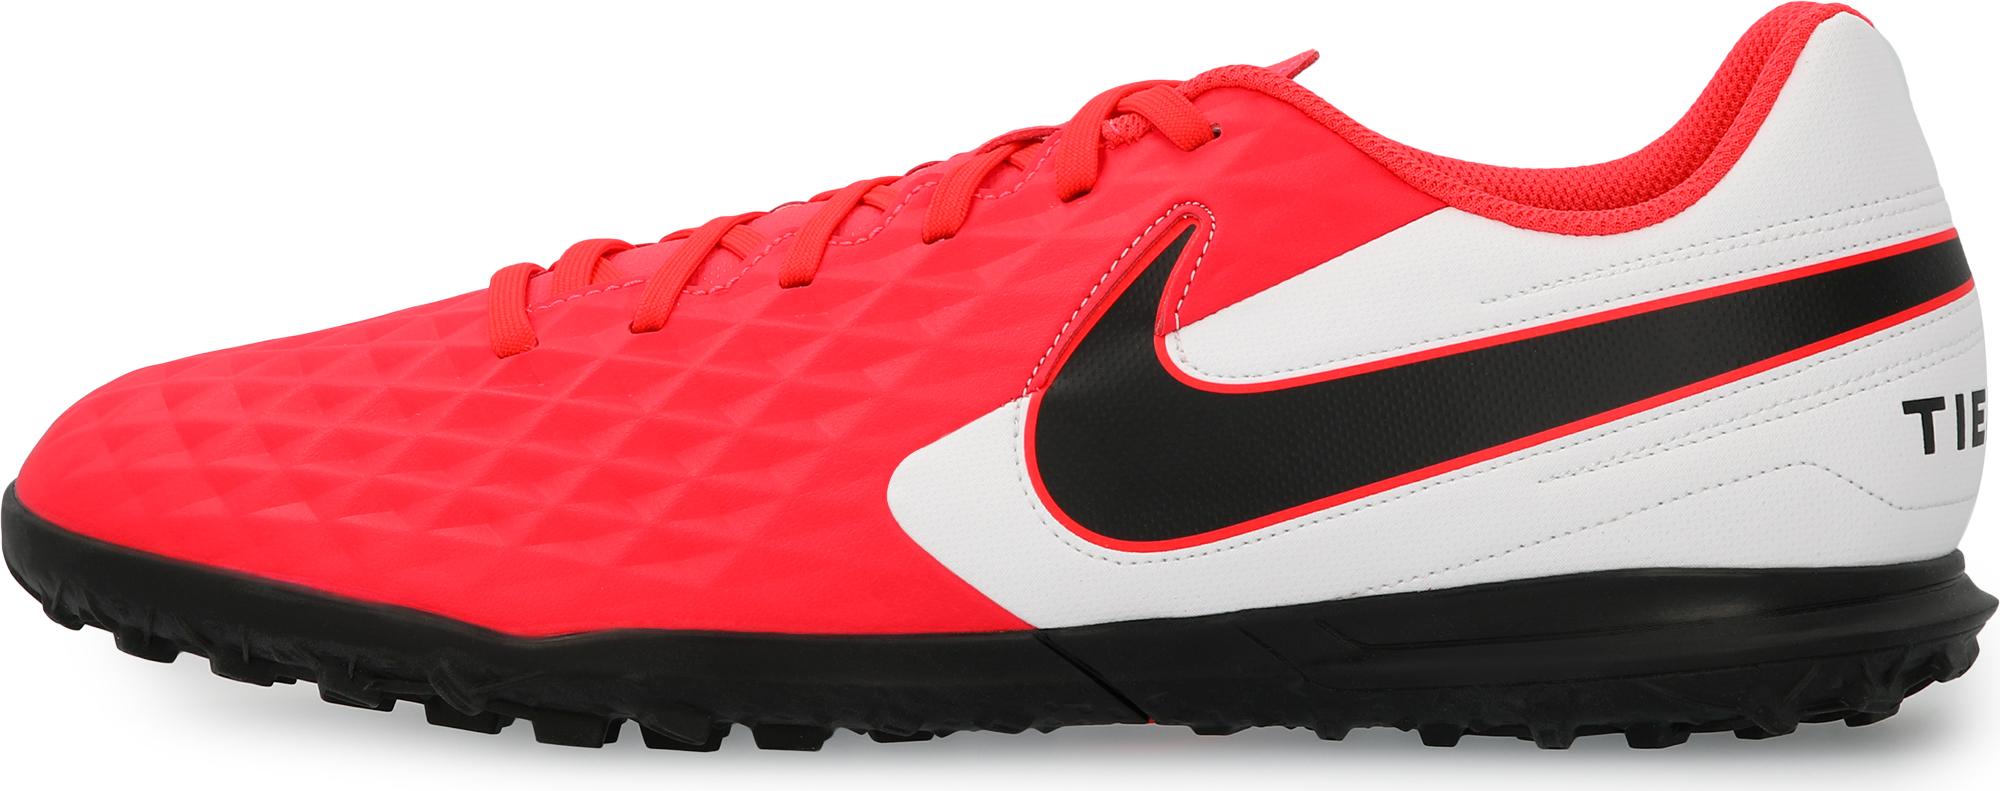 Nike Бутсы мужские Nike Legend 8 Club TF, размер 40 бутсы мужские nike legend 8 club ic размер 41